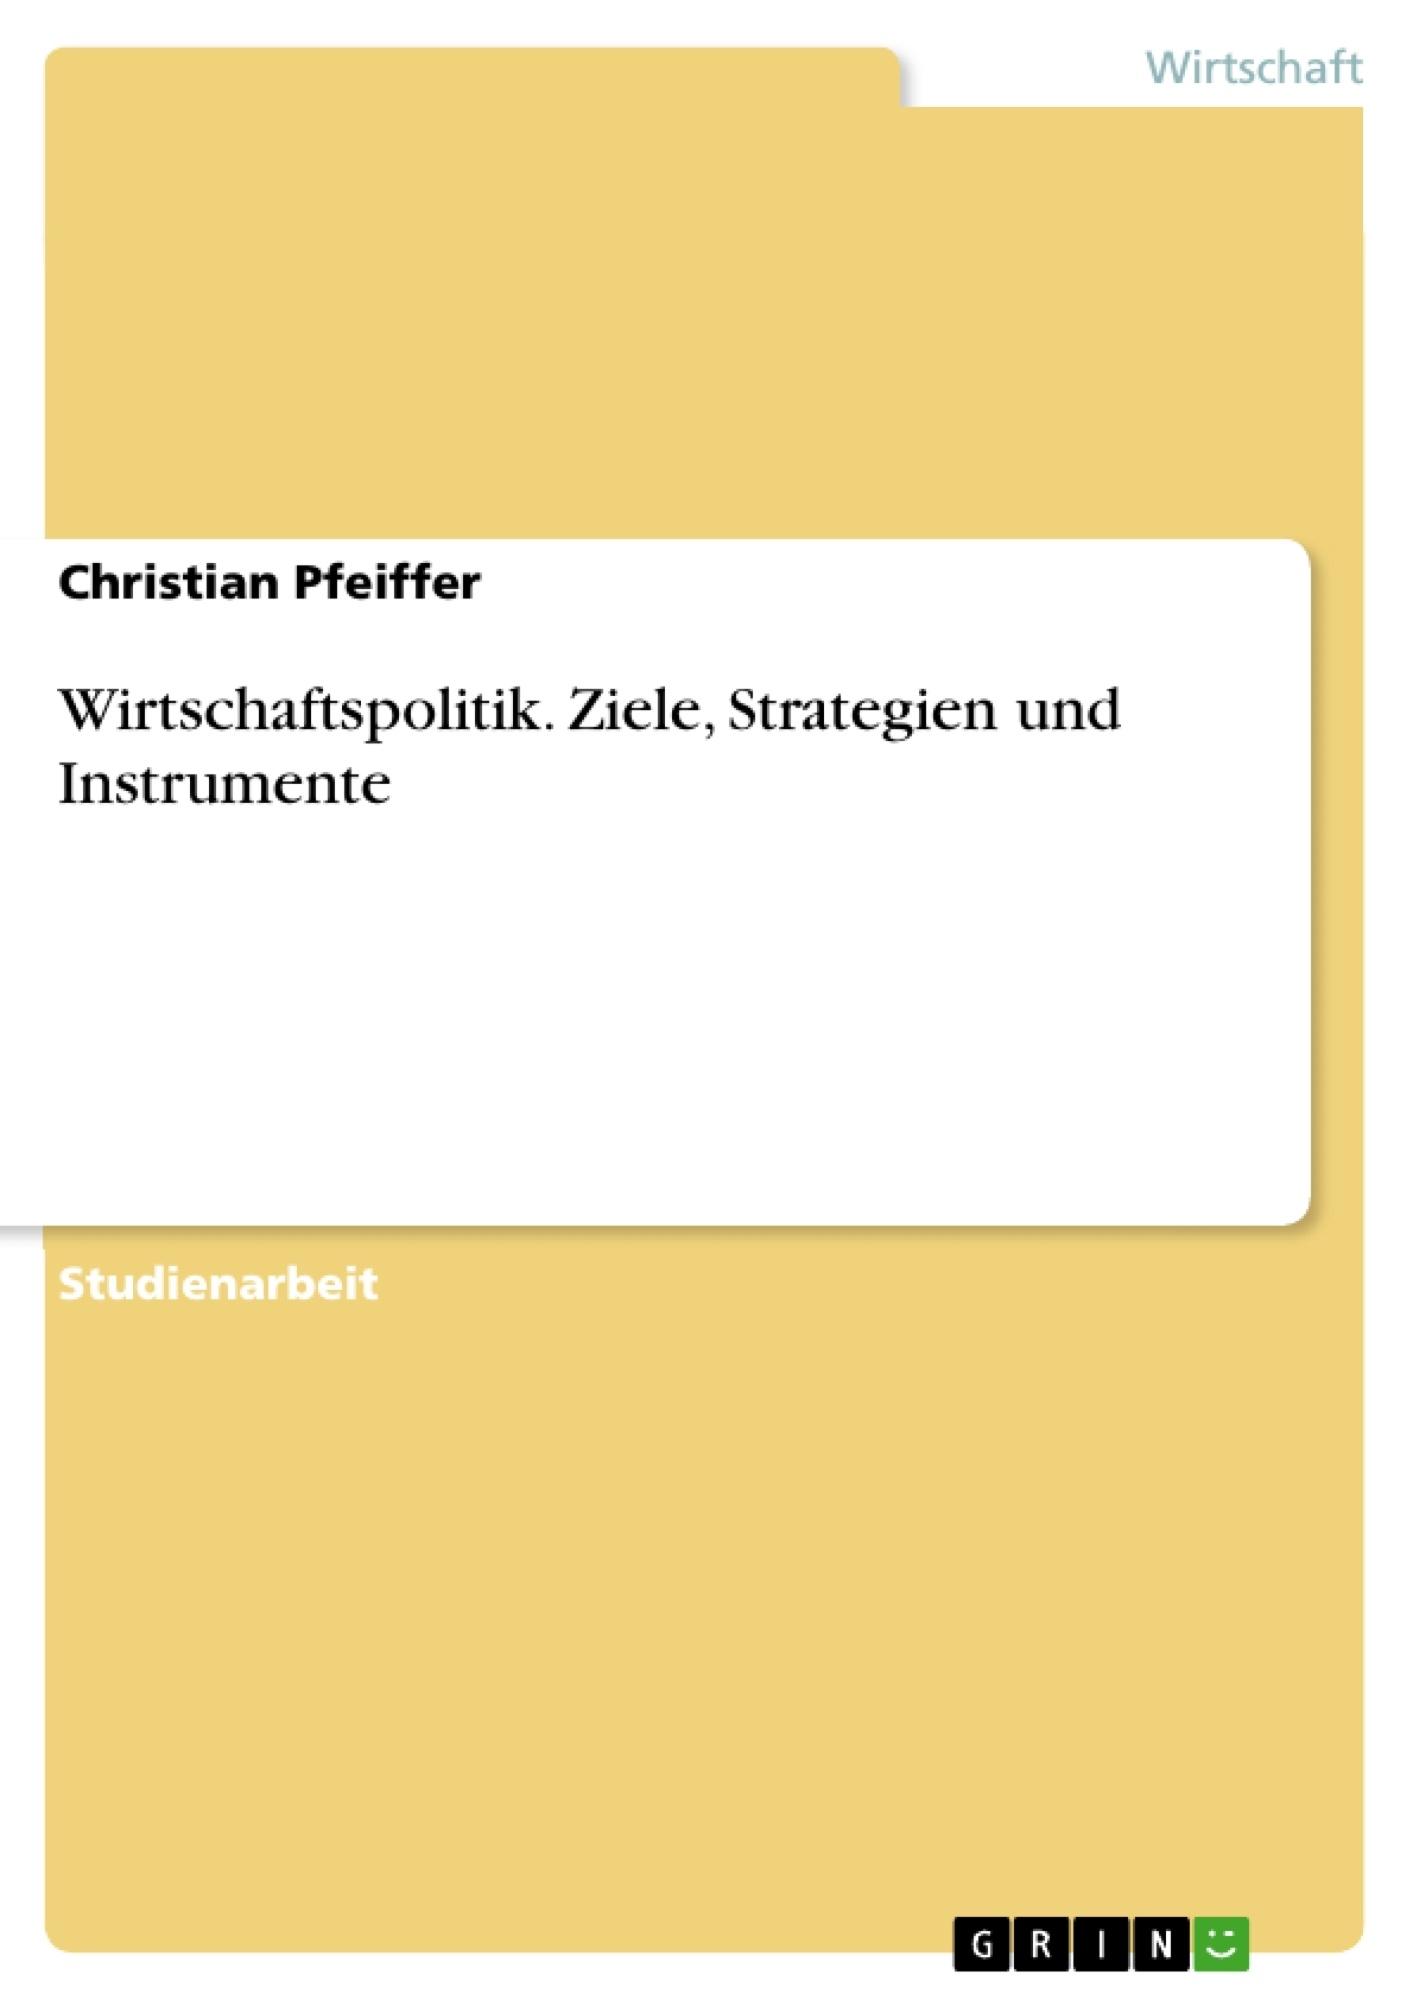 Titel: Wirtschaftspolitik. Ziele, Strategien und Instrumente